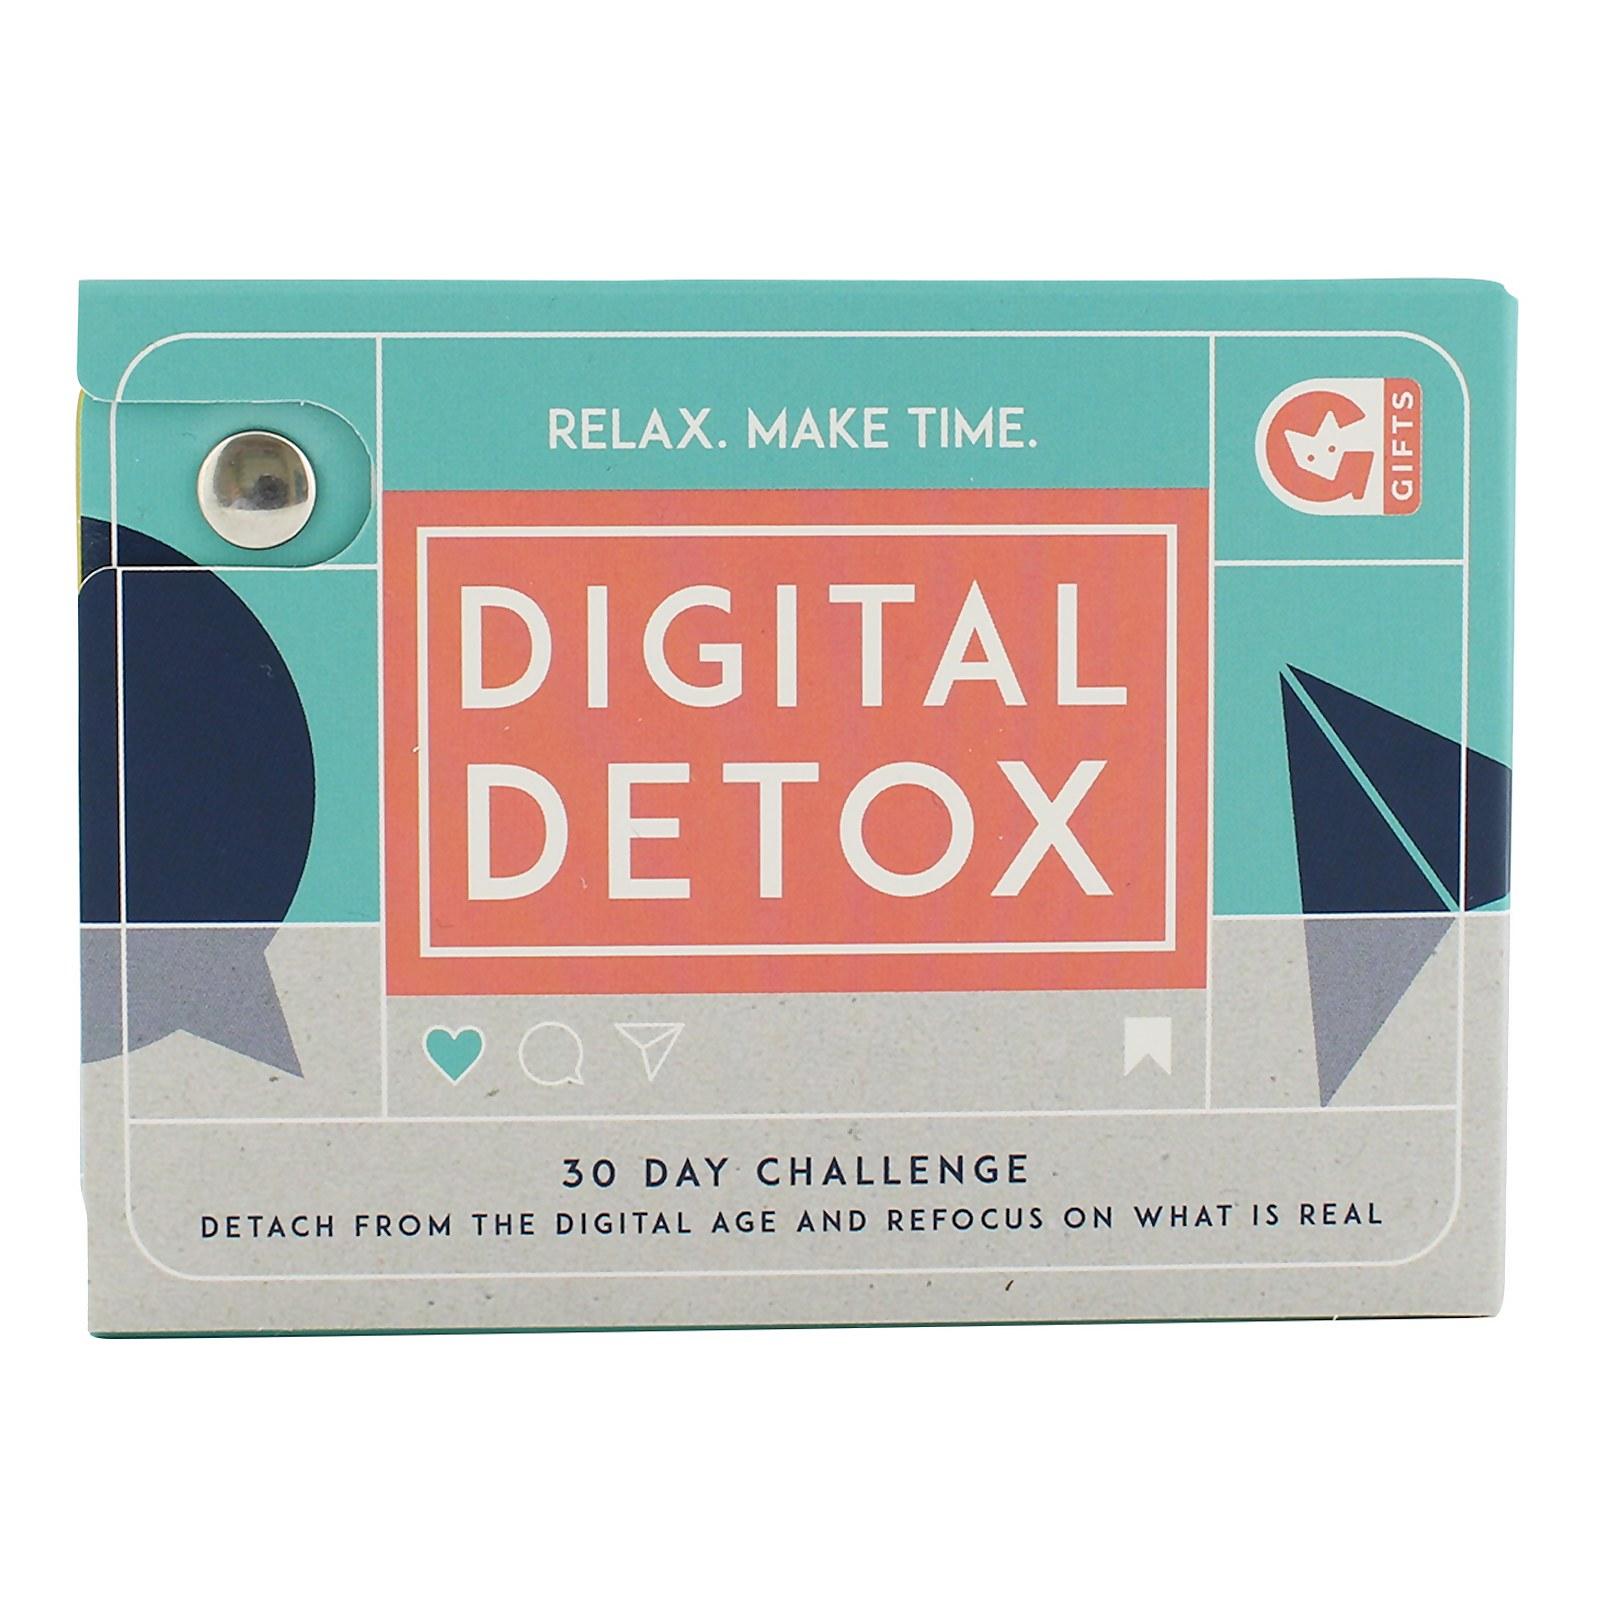 Image of 30 Day Digital Detox Challenge